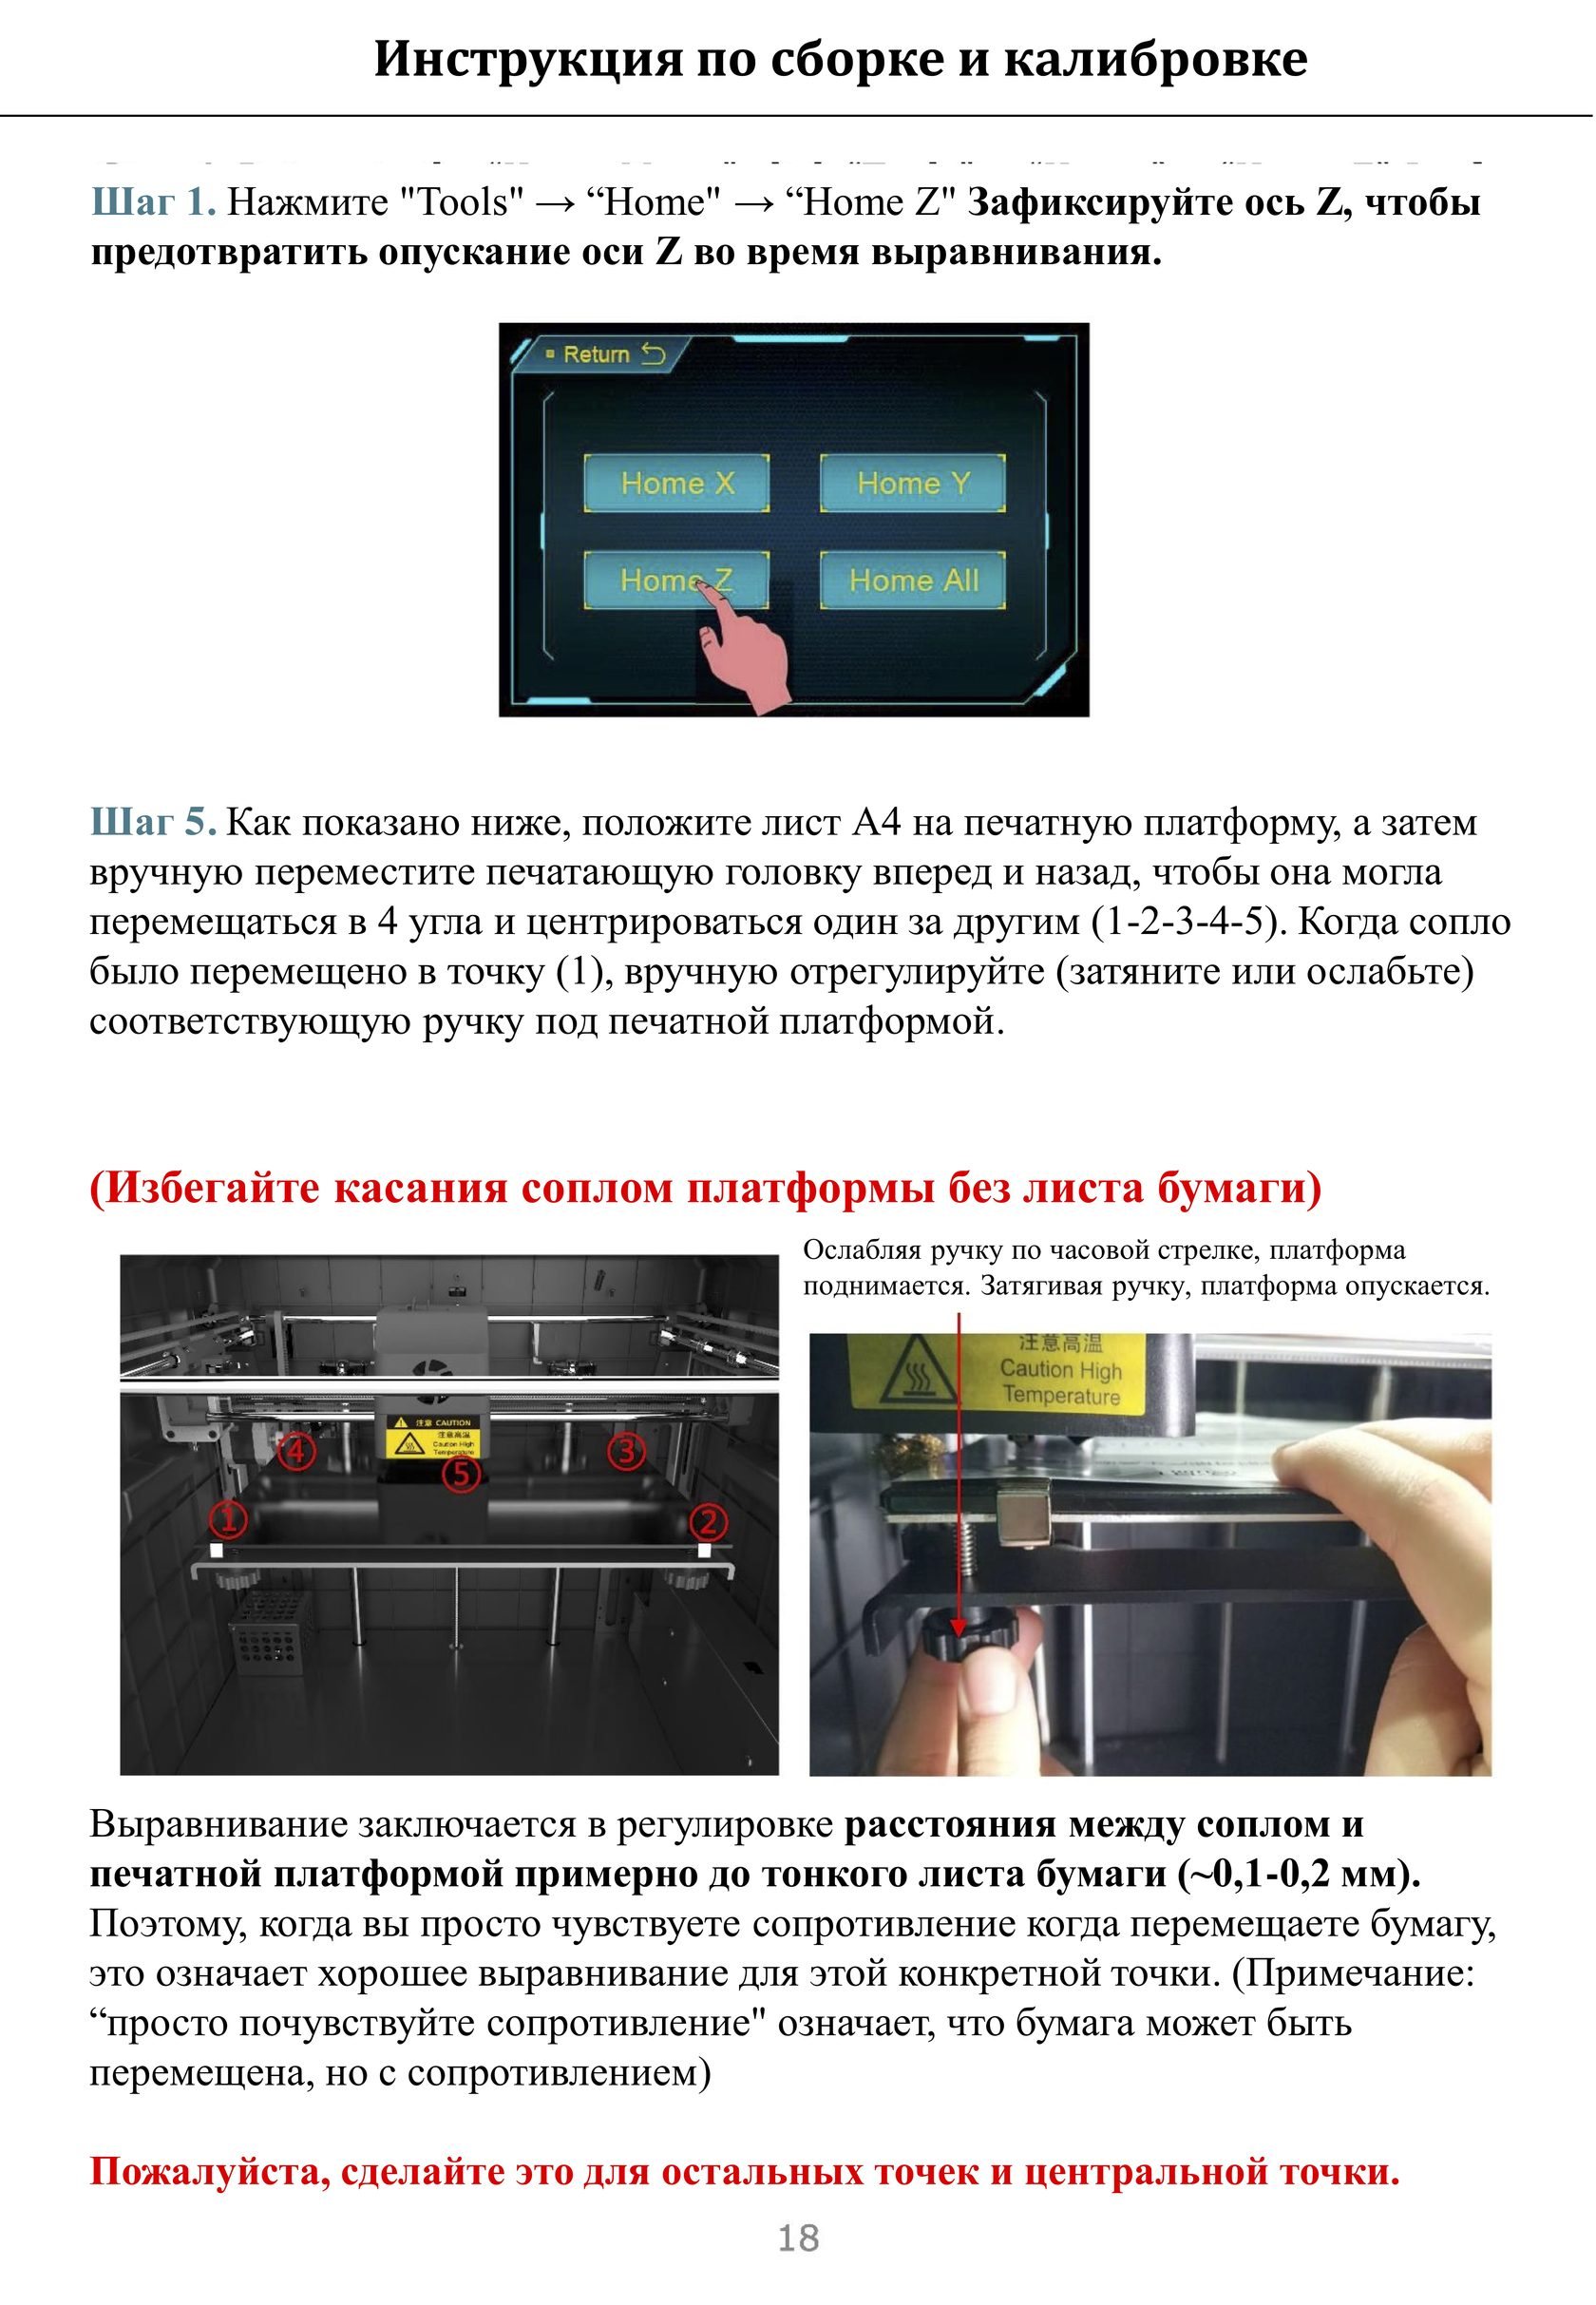 Инструкция Anycubic Formax (4Max PRO) на русском языке